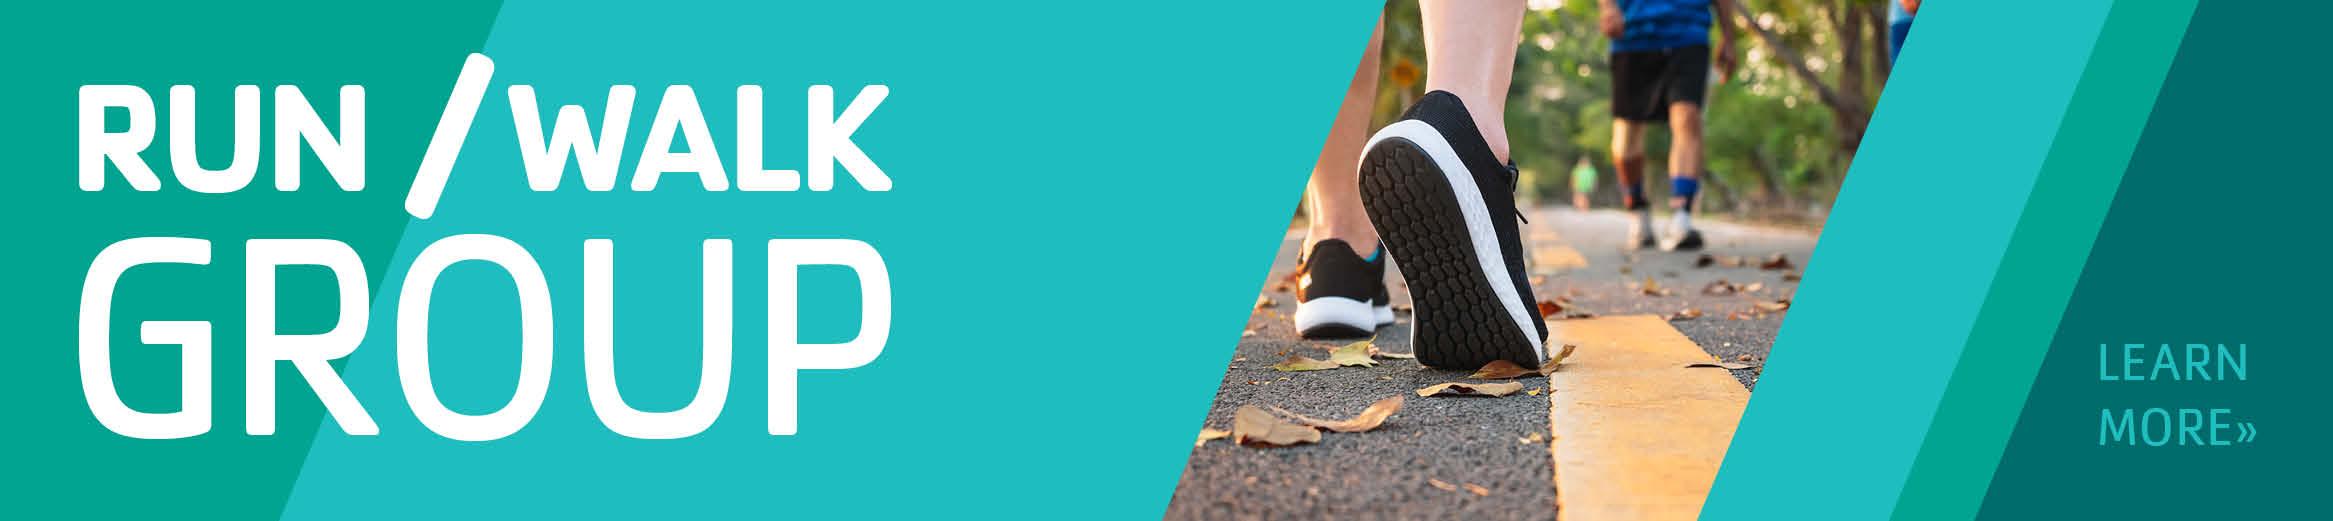 Run/Walk Group